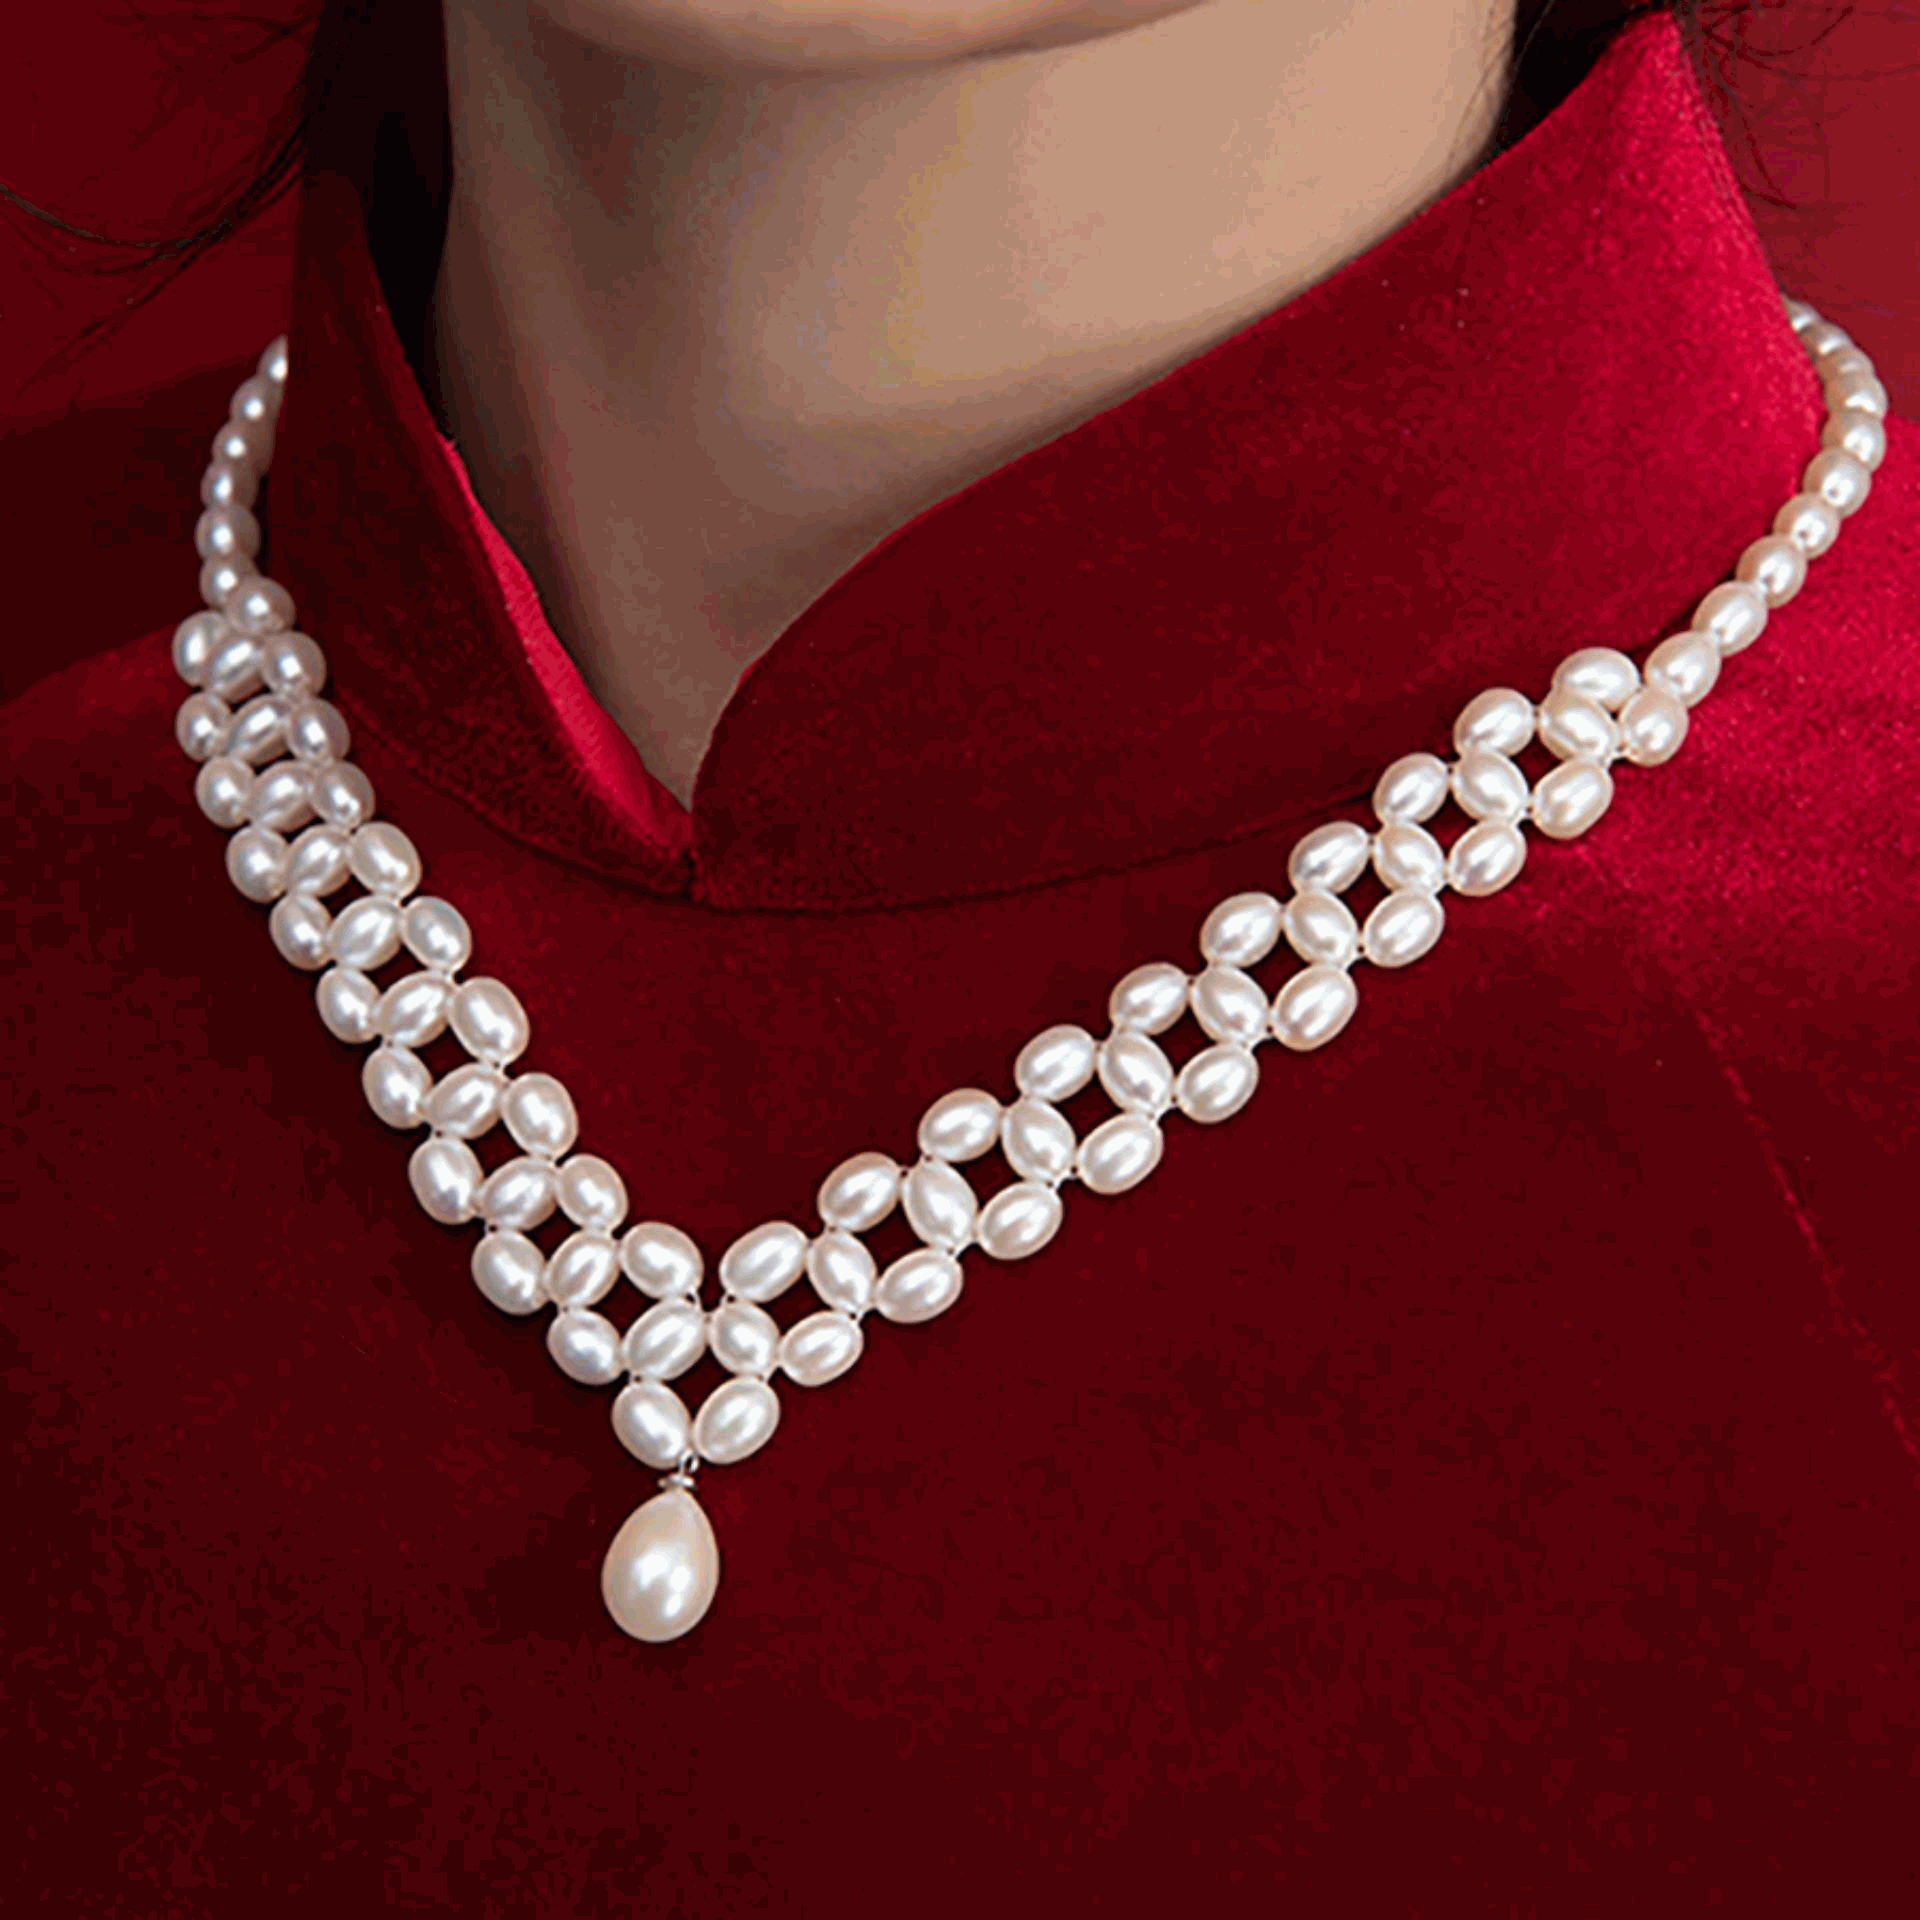 Vòng ngọc trai cao cấp, thời trang quý phái Queen Pearl DB2120 Bảo Ngọc Jewelry